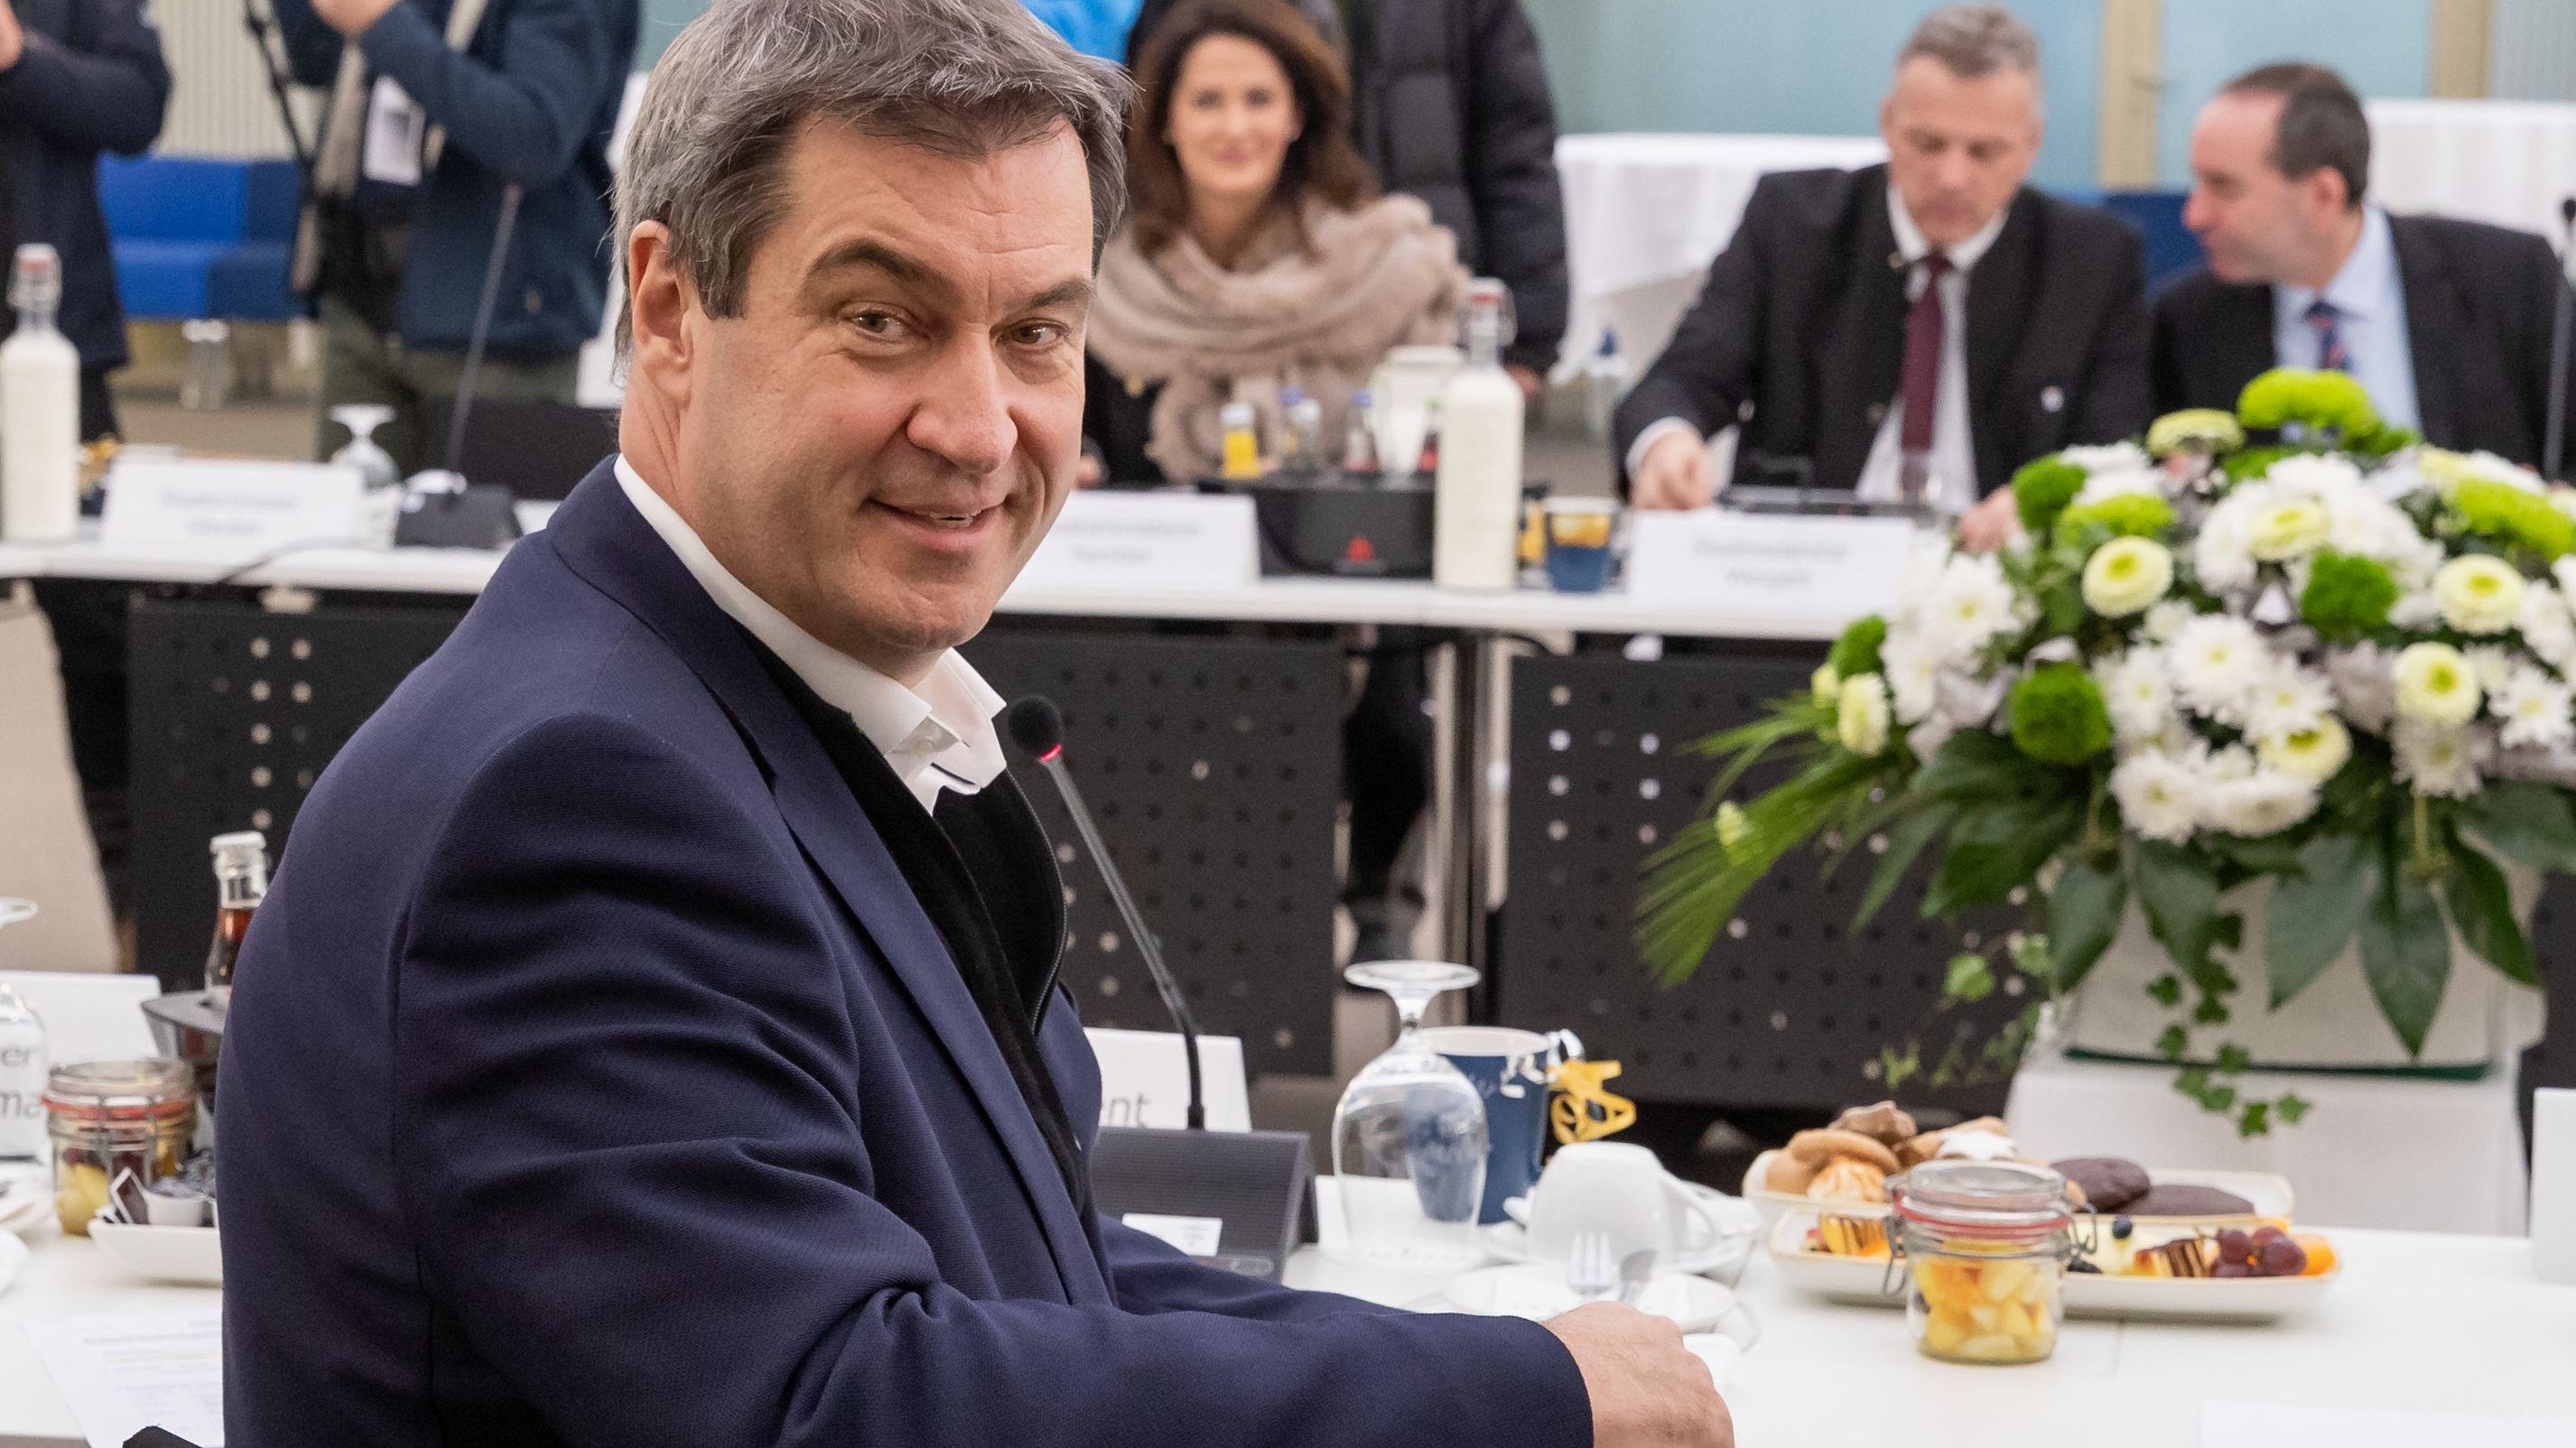 Archivbild: Ministerpräsident und CSU-Chef Söder